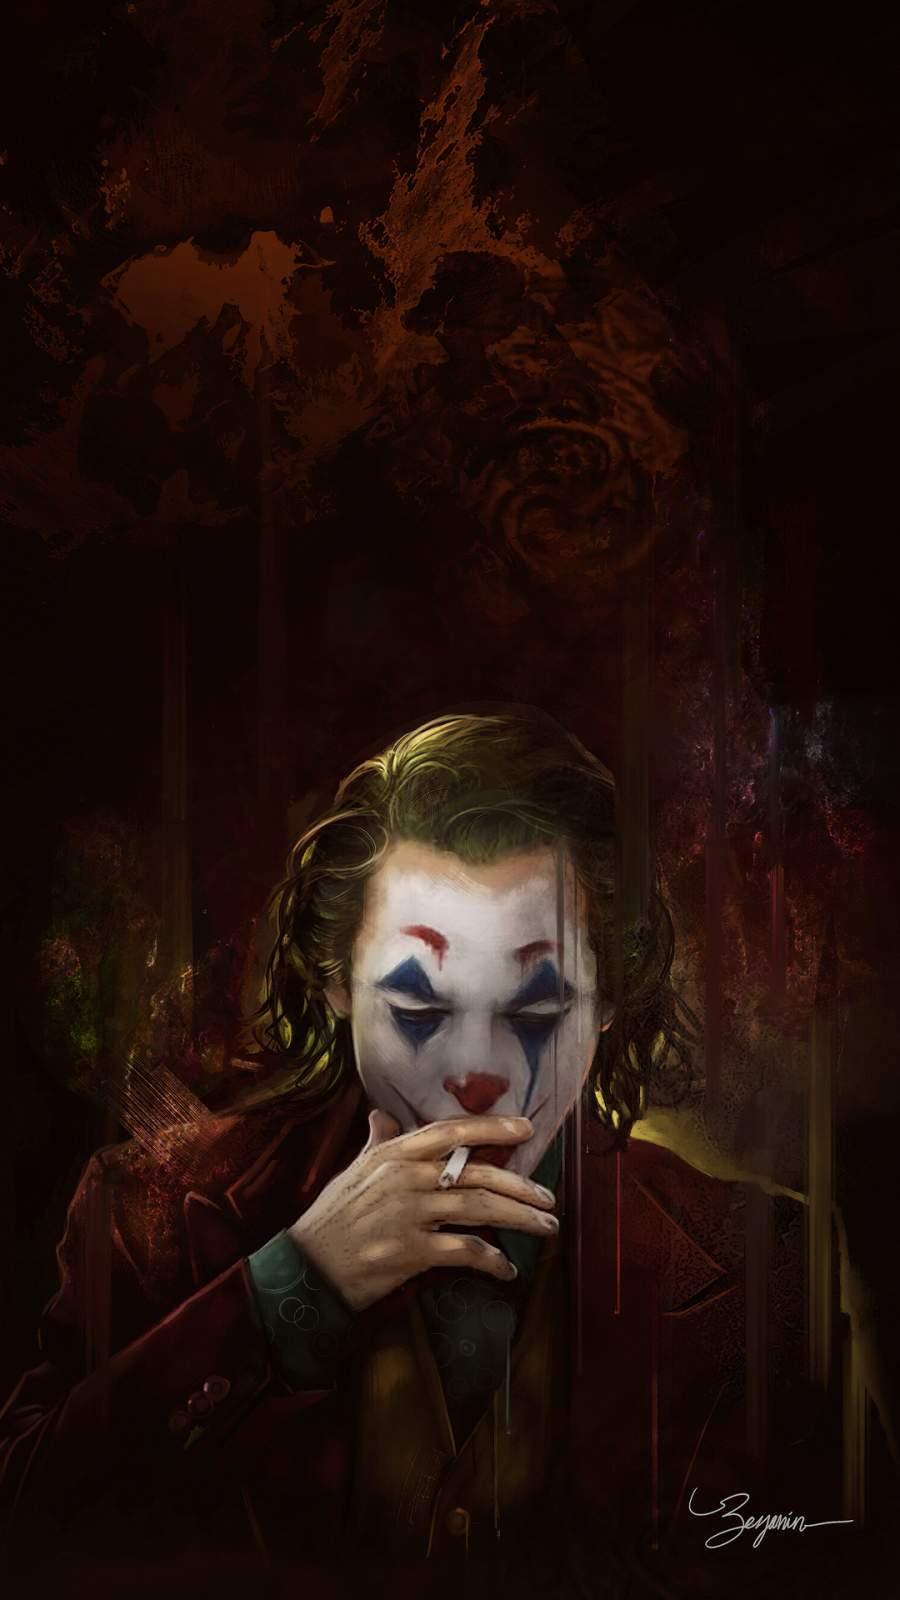 Joker Smoker iPhone Wallpaper